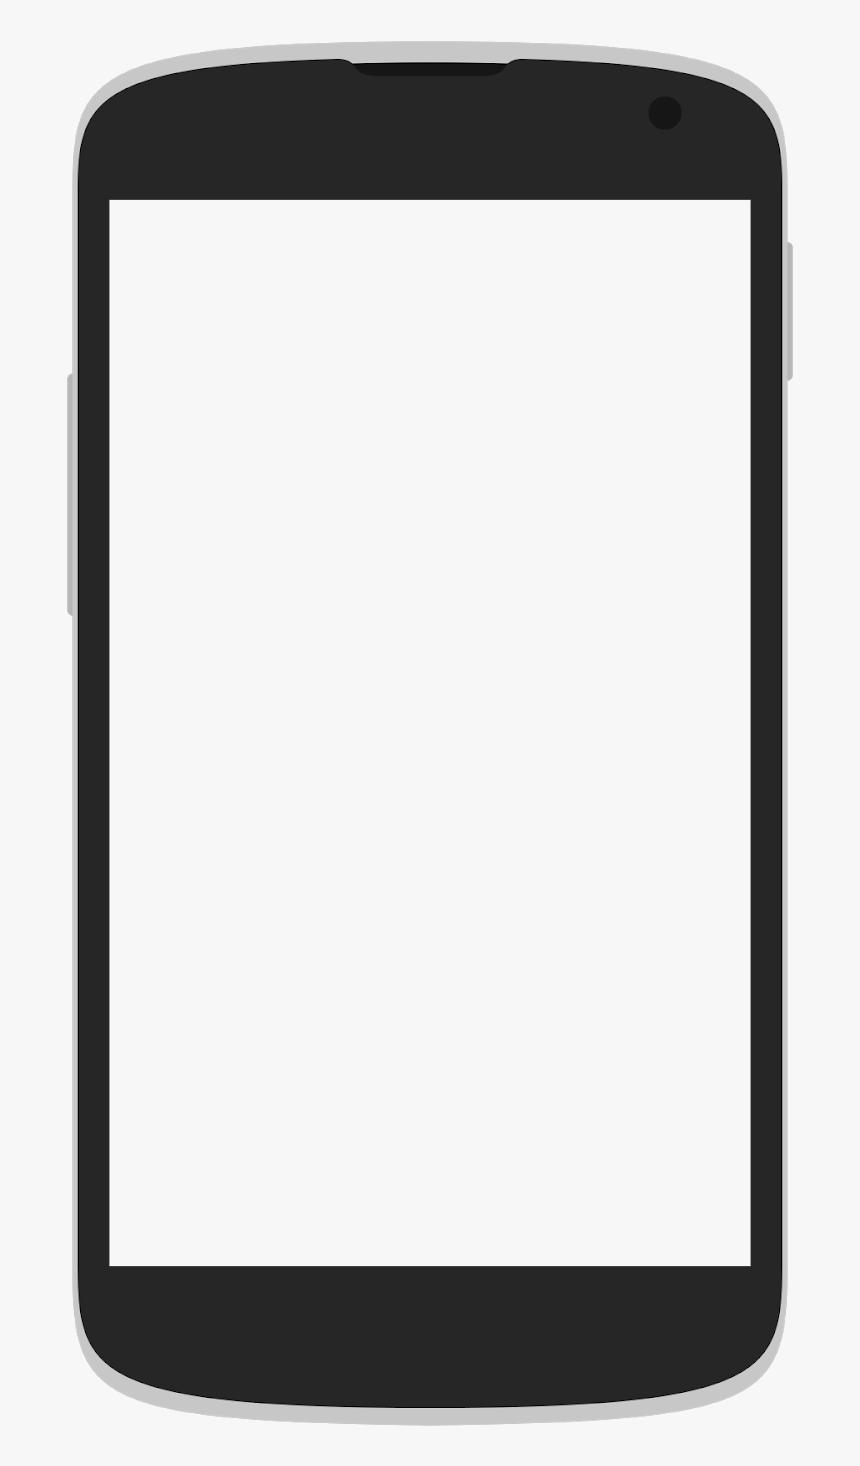 Mobile Frame Png Full Hd Mobiles Kartik Creation Mobile Logo Png Transparent Png Kindpng